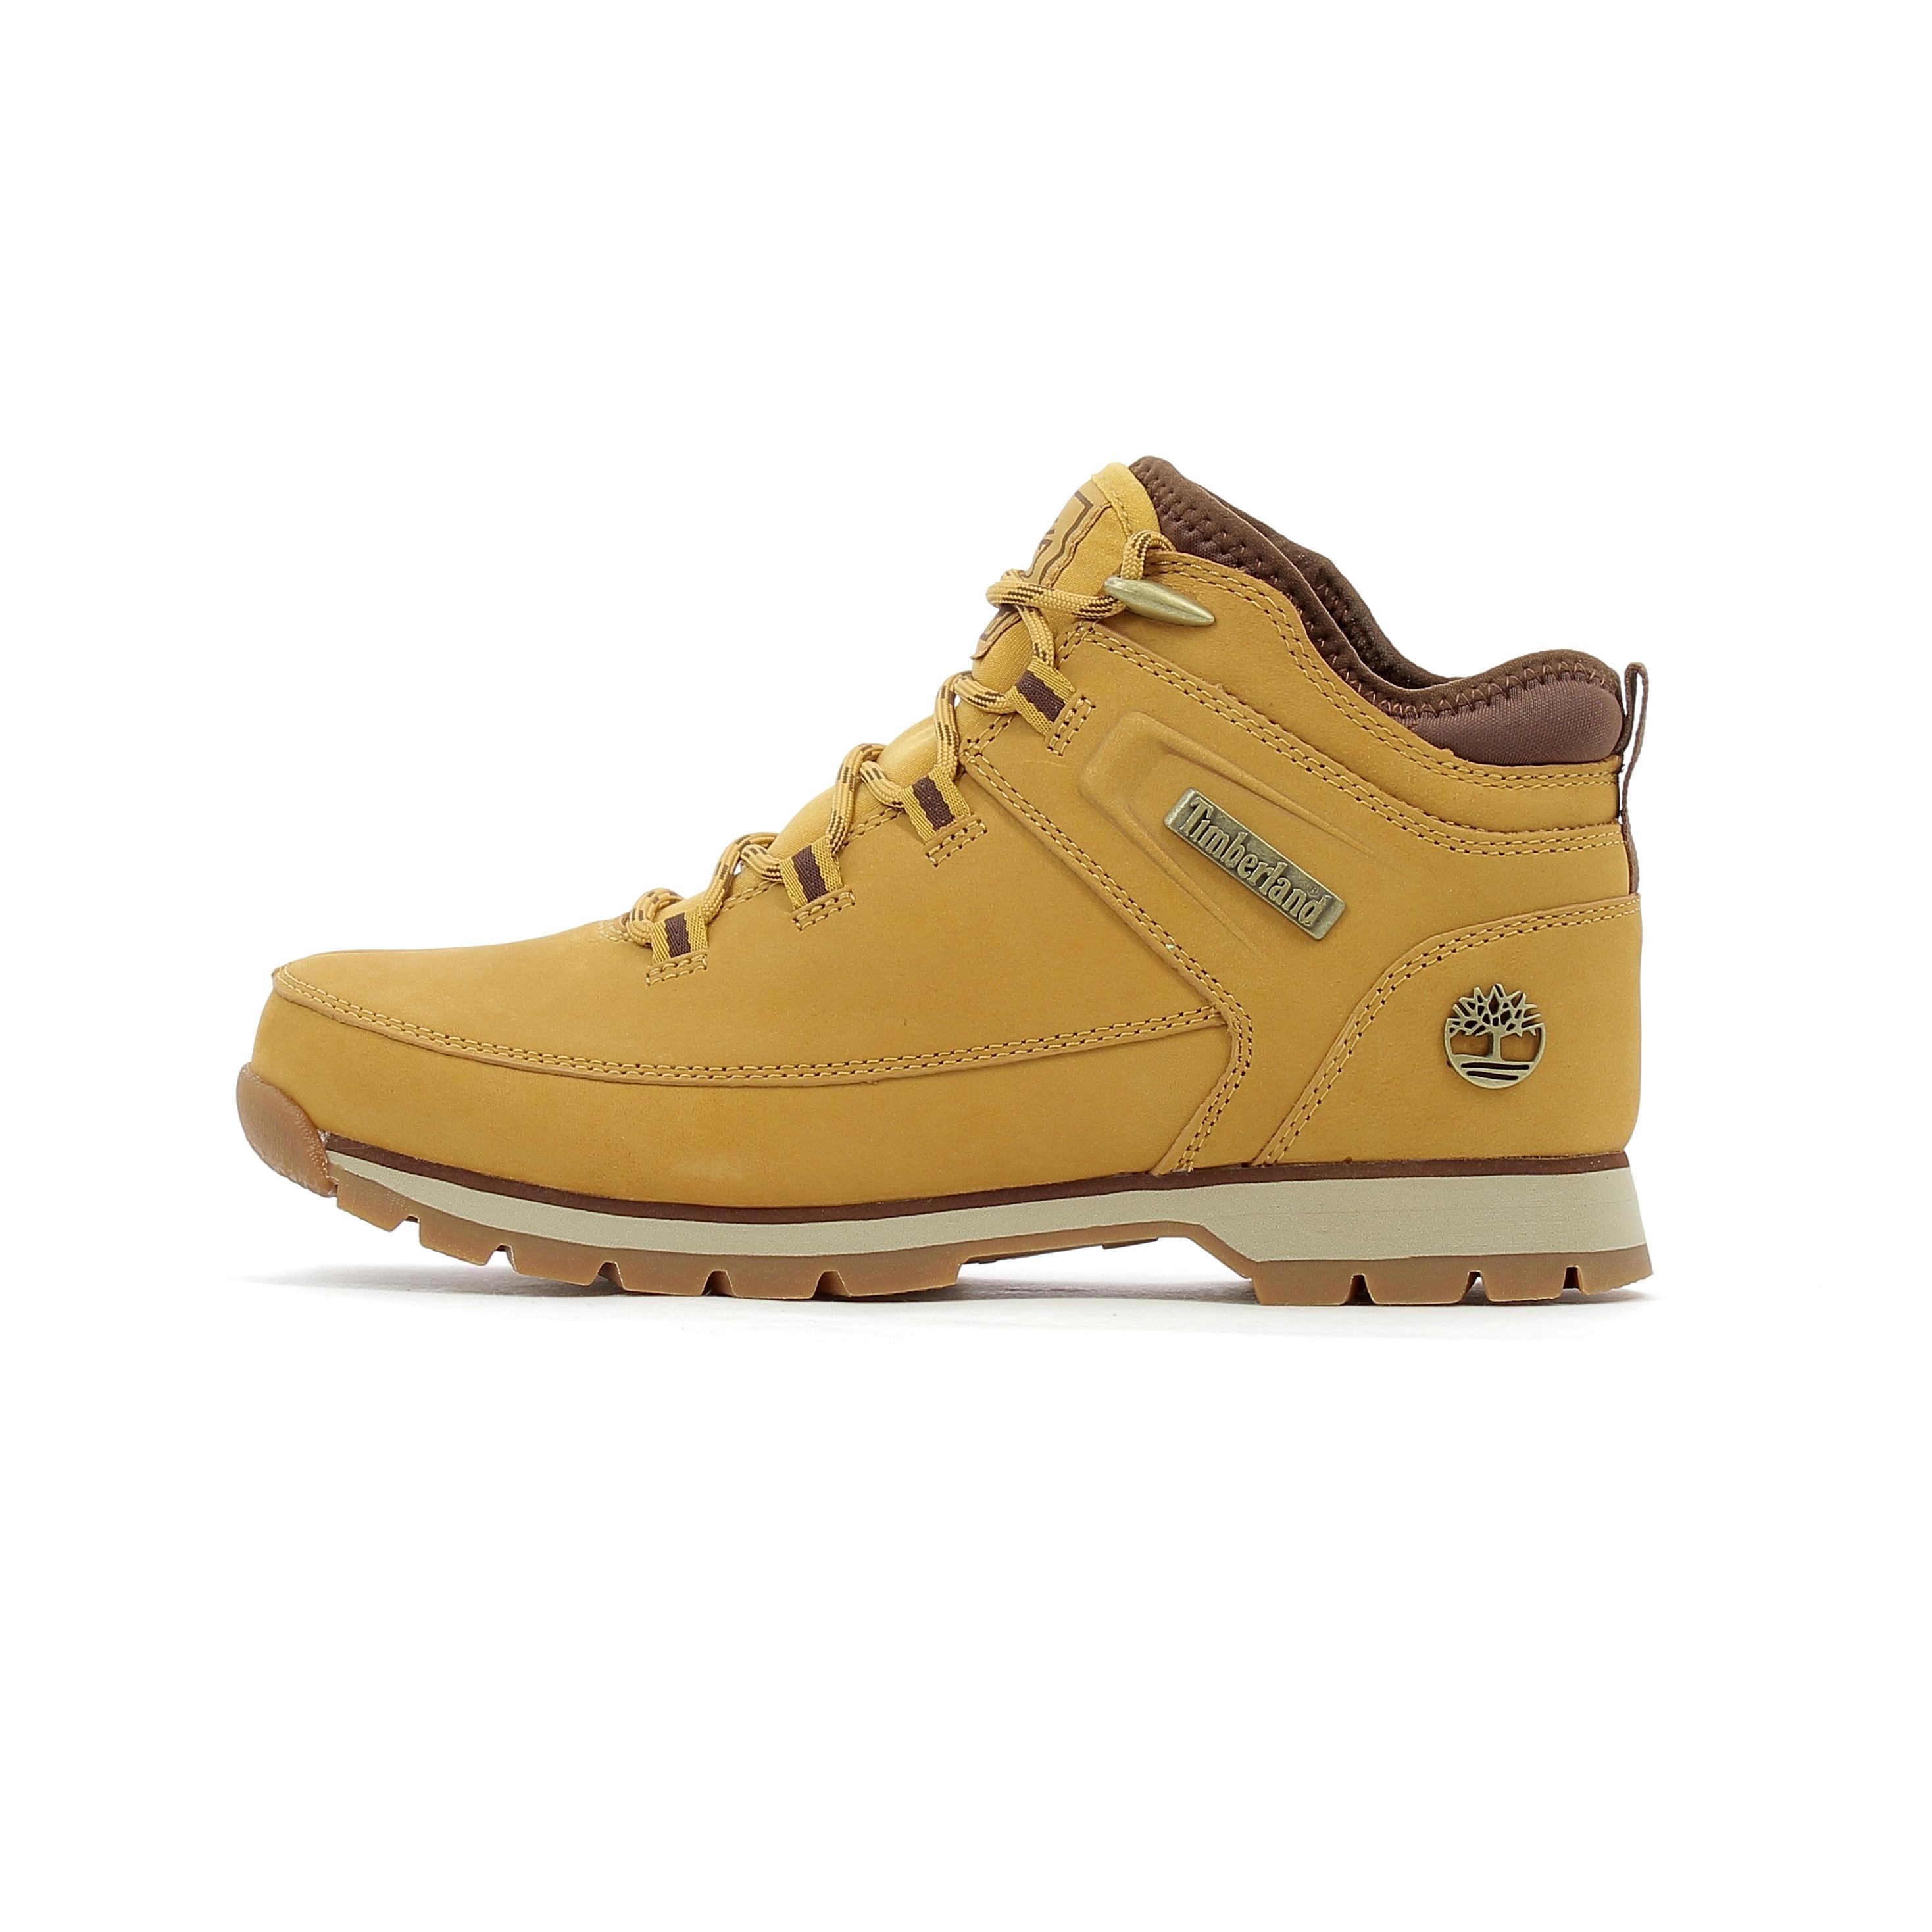 b7f53453394d Boots Timberland Euro Sprint Sport